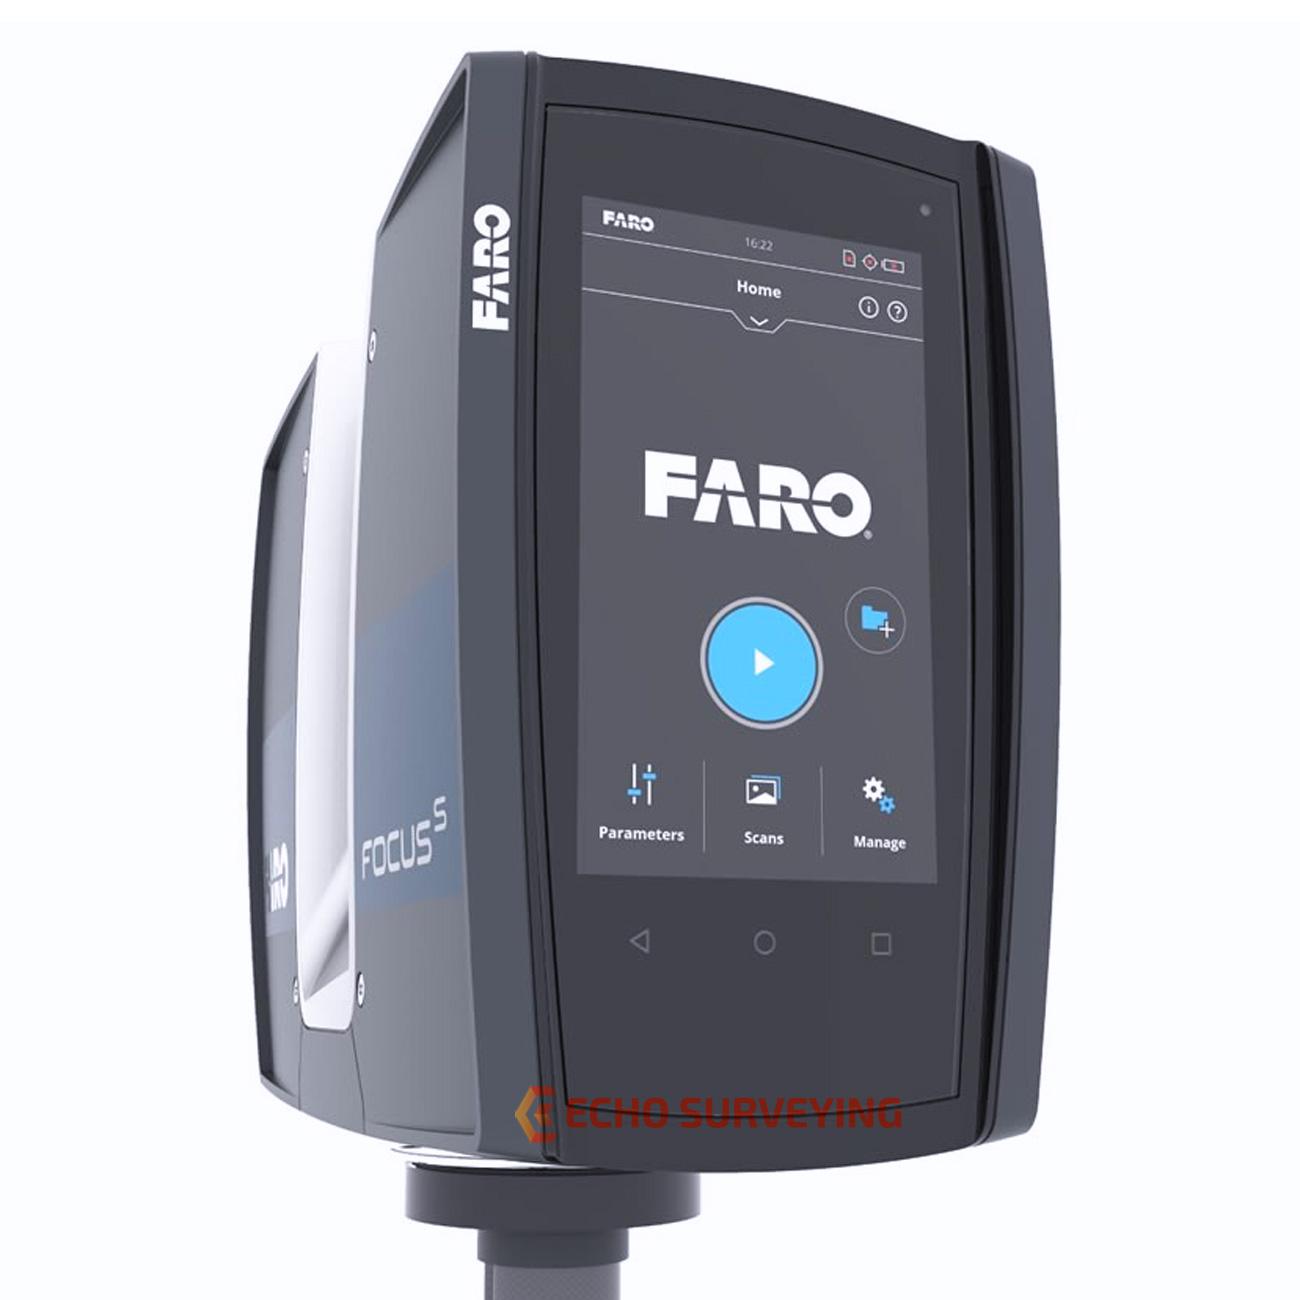 Faro-Focus-S150-Scanner.jpg